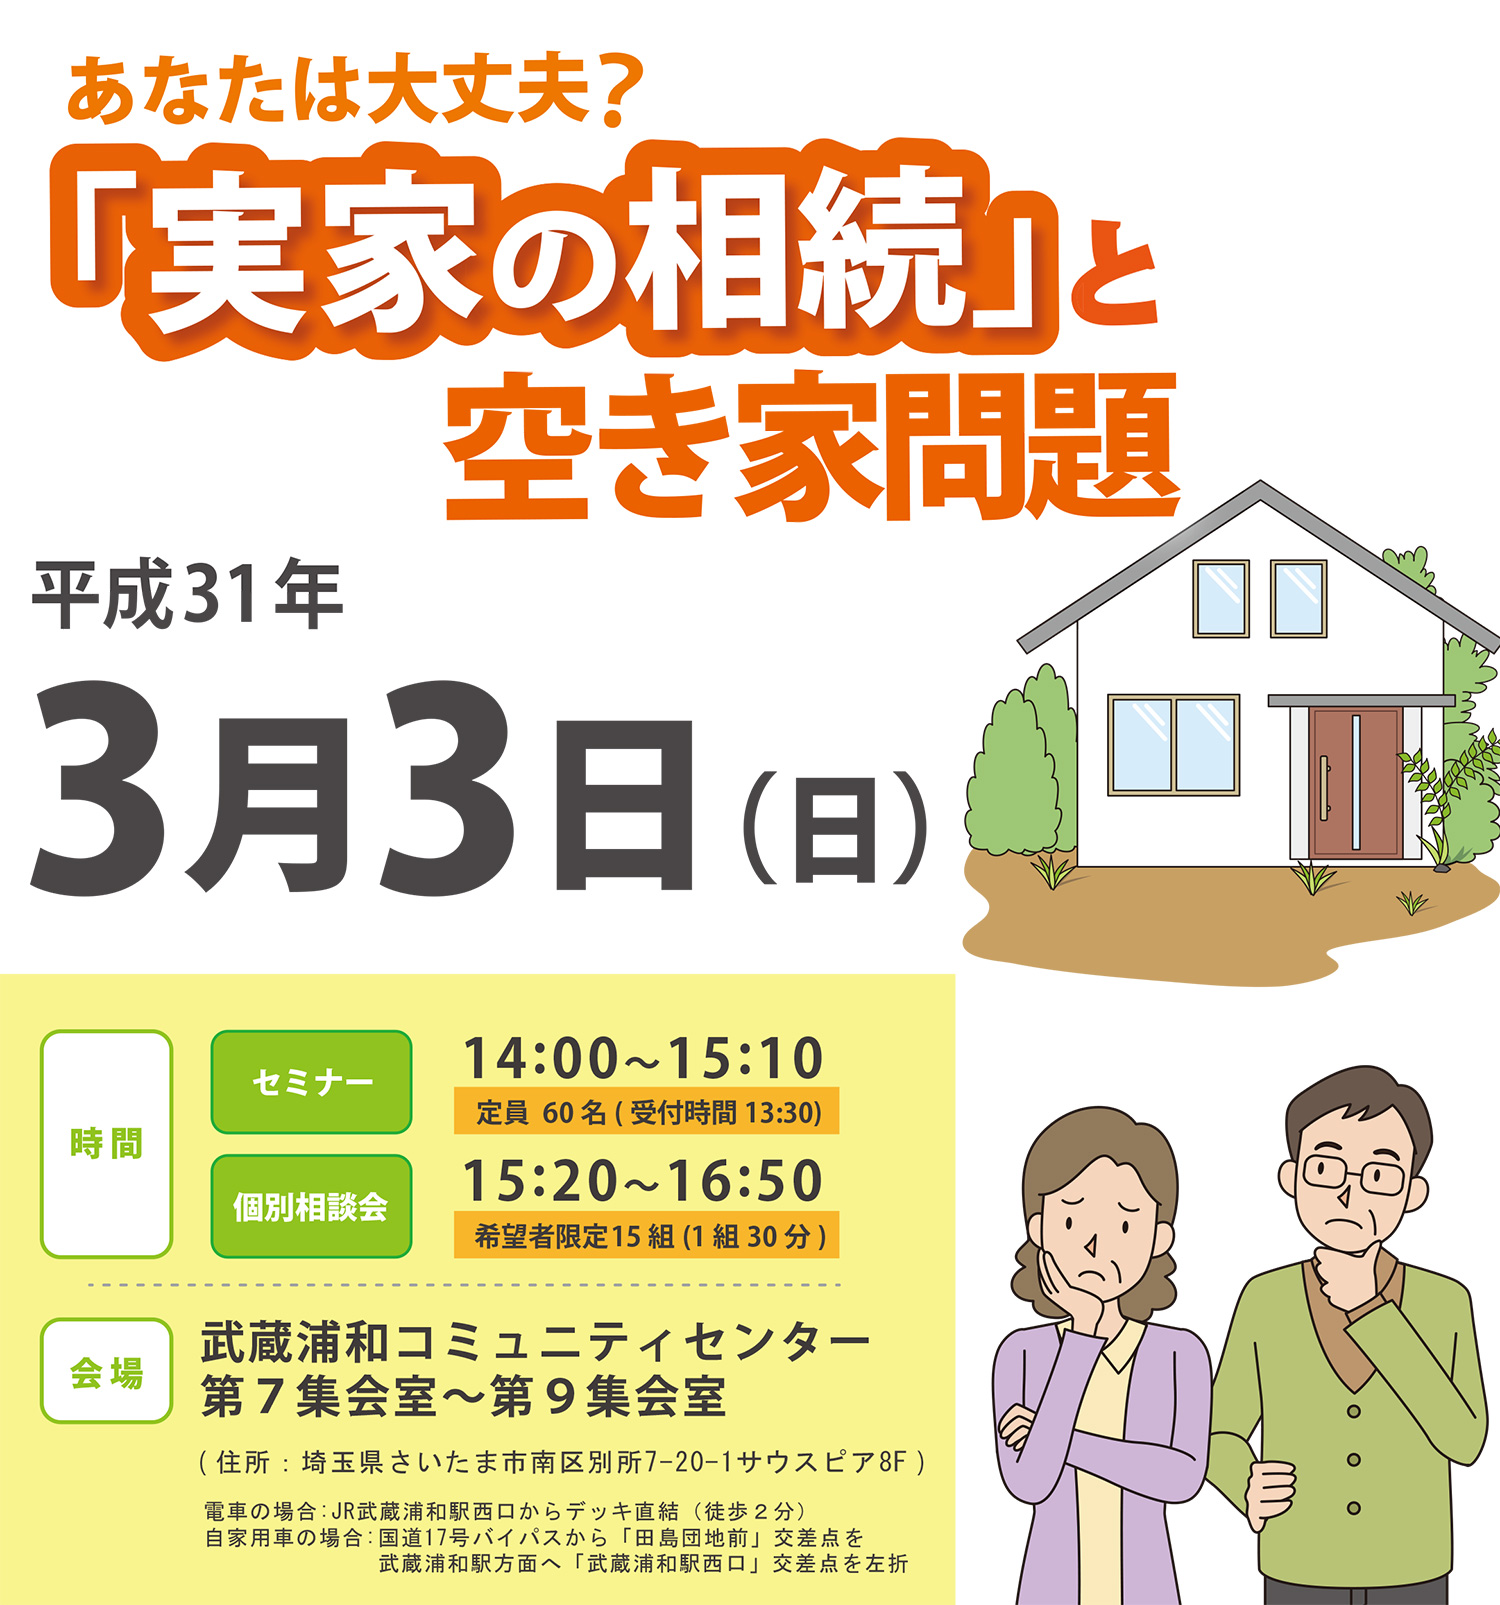 さいたま市共催空き家セミナー&個別相談会